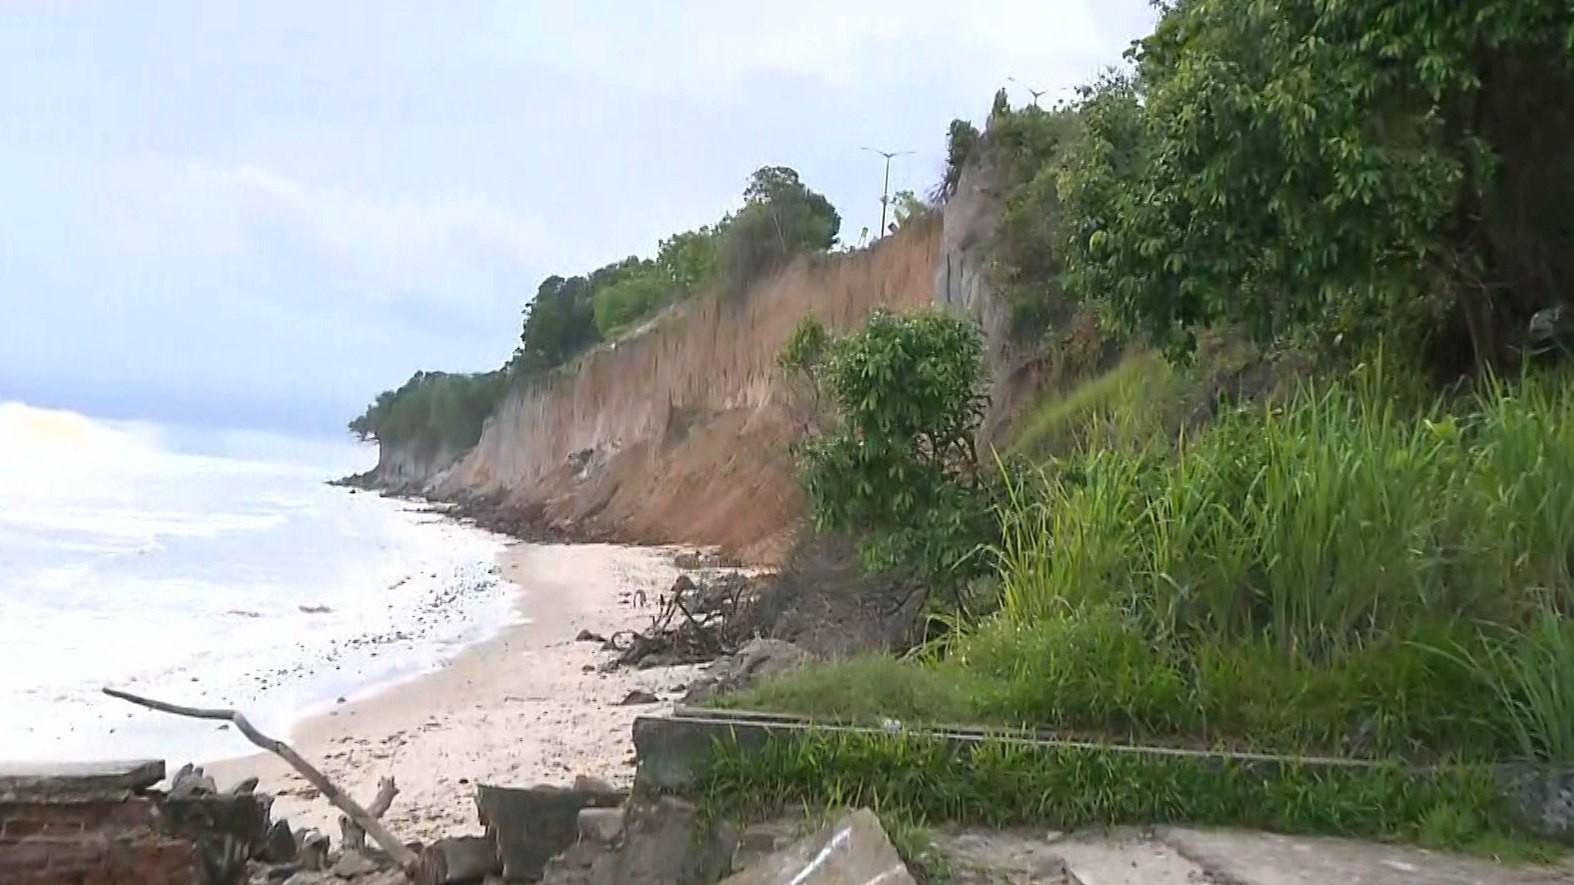 Verba para ações de prevenção na barreira do Cabo Branco, na PB, é liberada pelo governo federal - Notícias - Plantão Diário